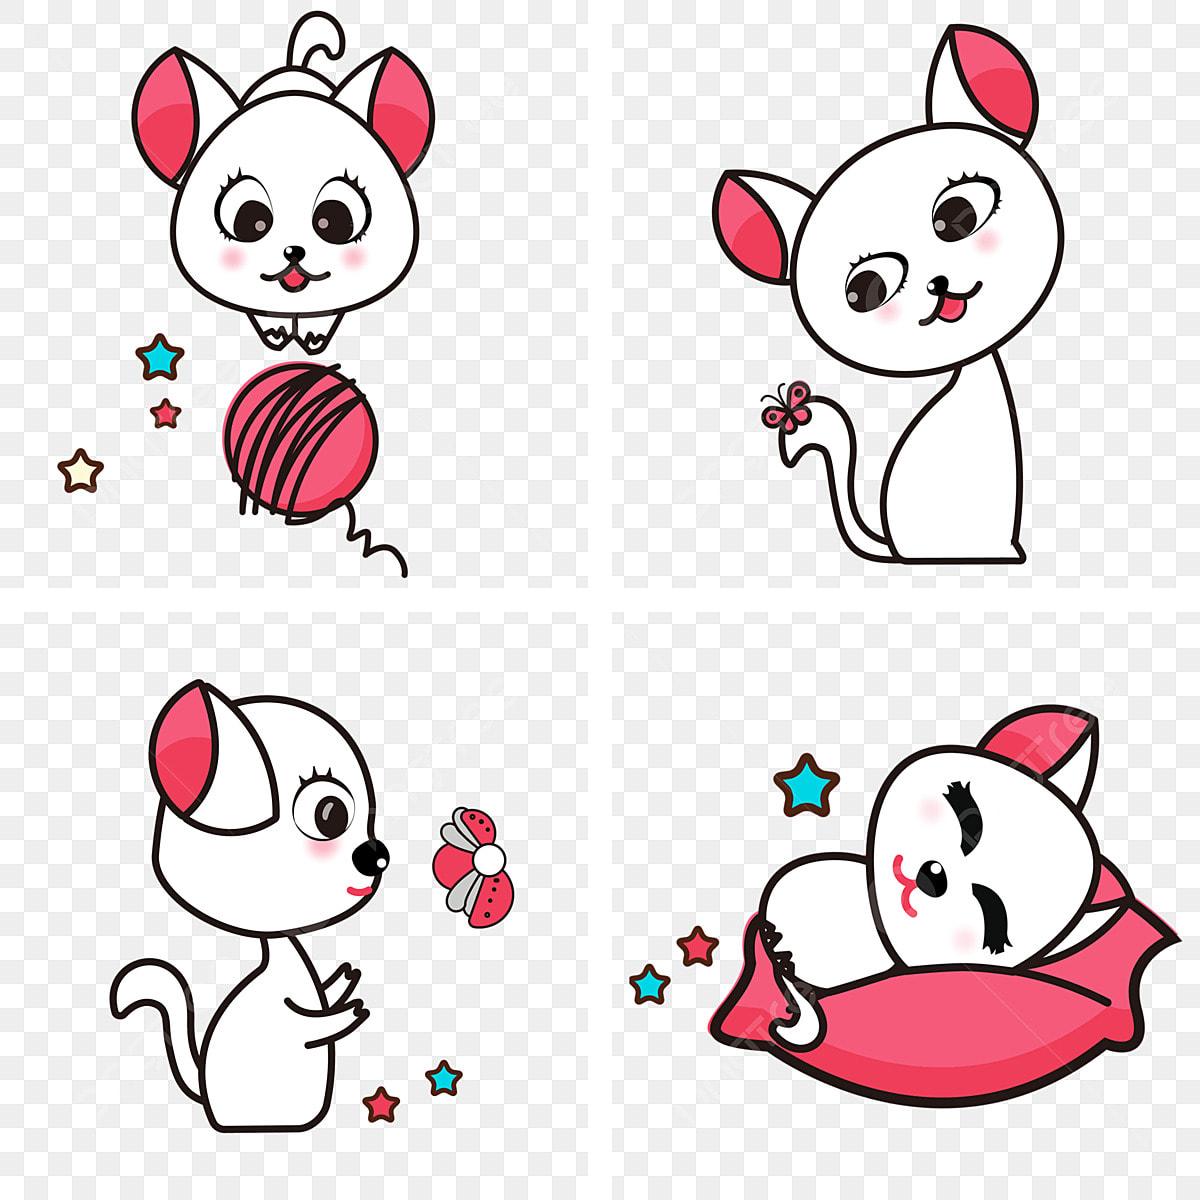 Unduh 96+  Gambar Tangan Kucing Kartun Paling Bagus Gratis